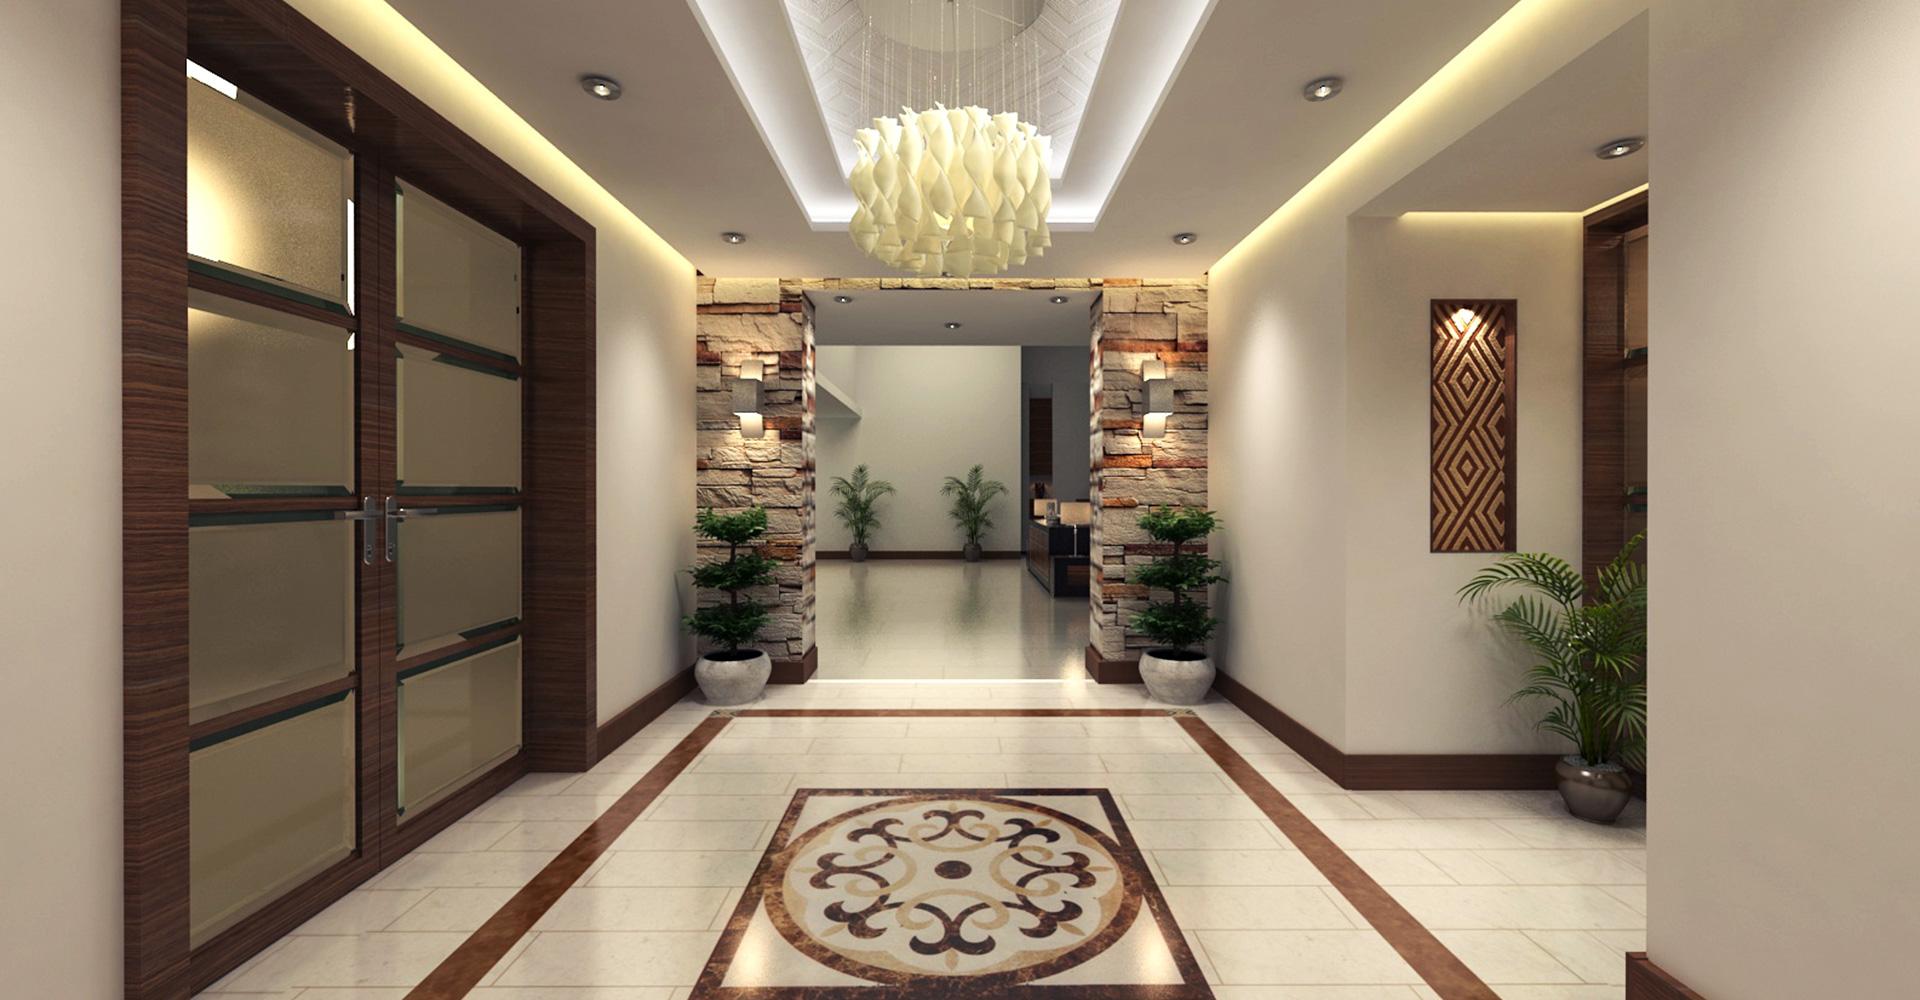 Residential-Interior-Design-Hiline-Lahore-portfolio-65J-DHA-EME-05 (54)